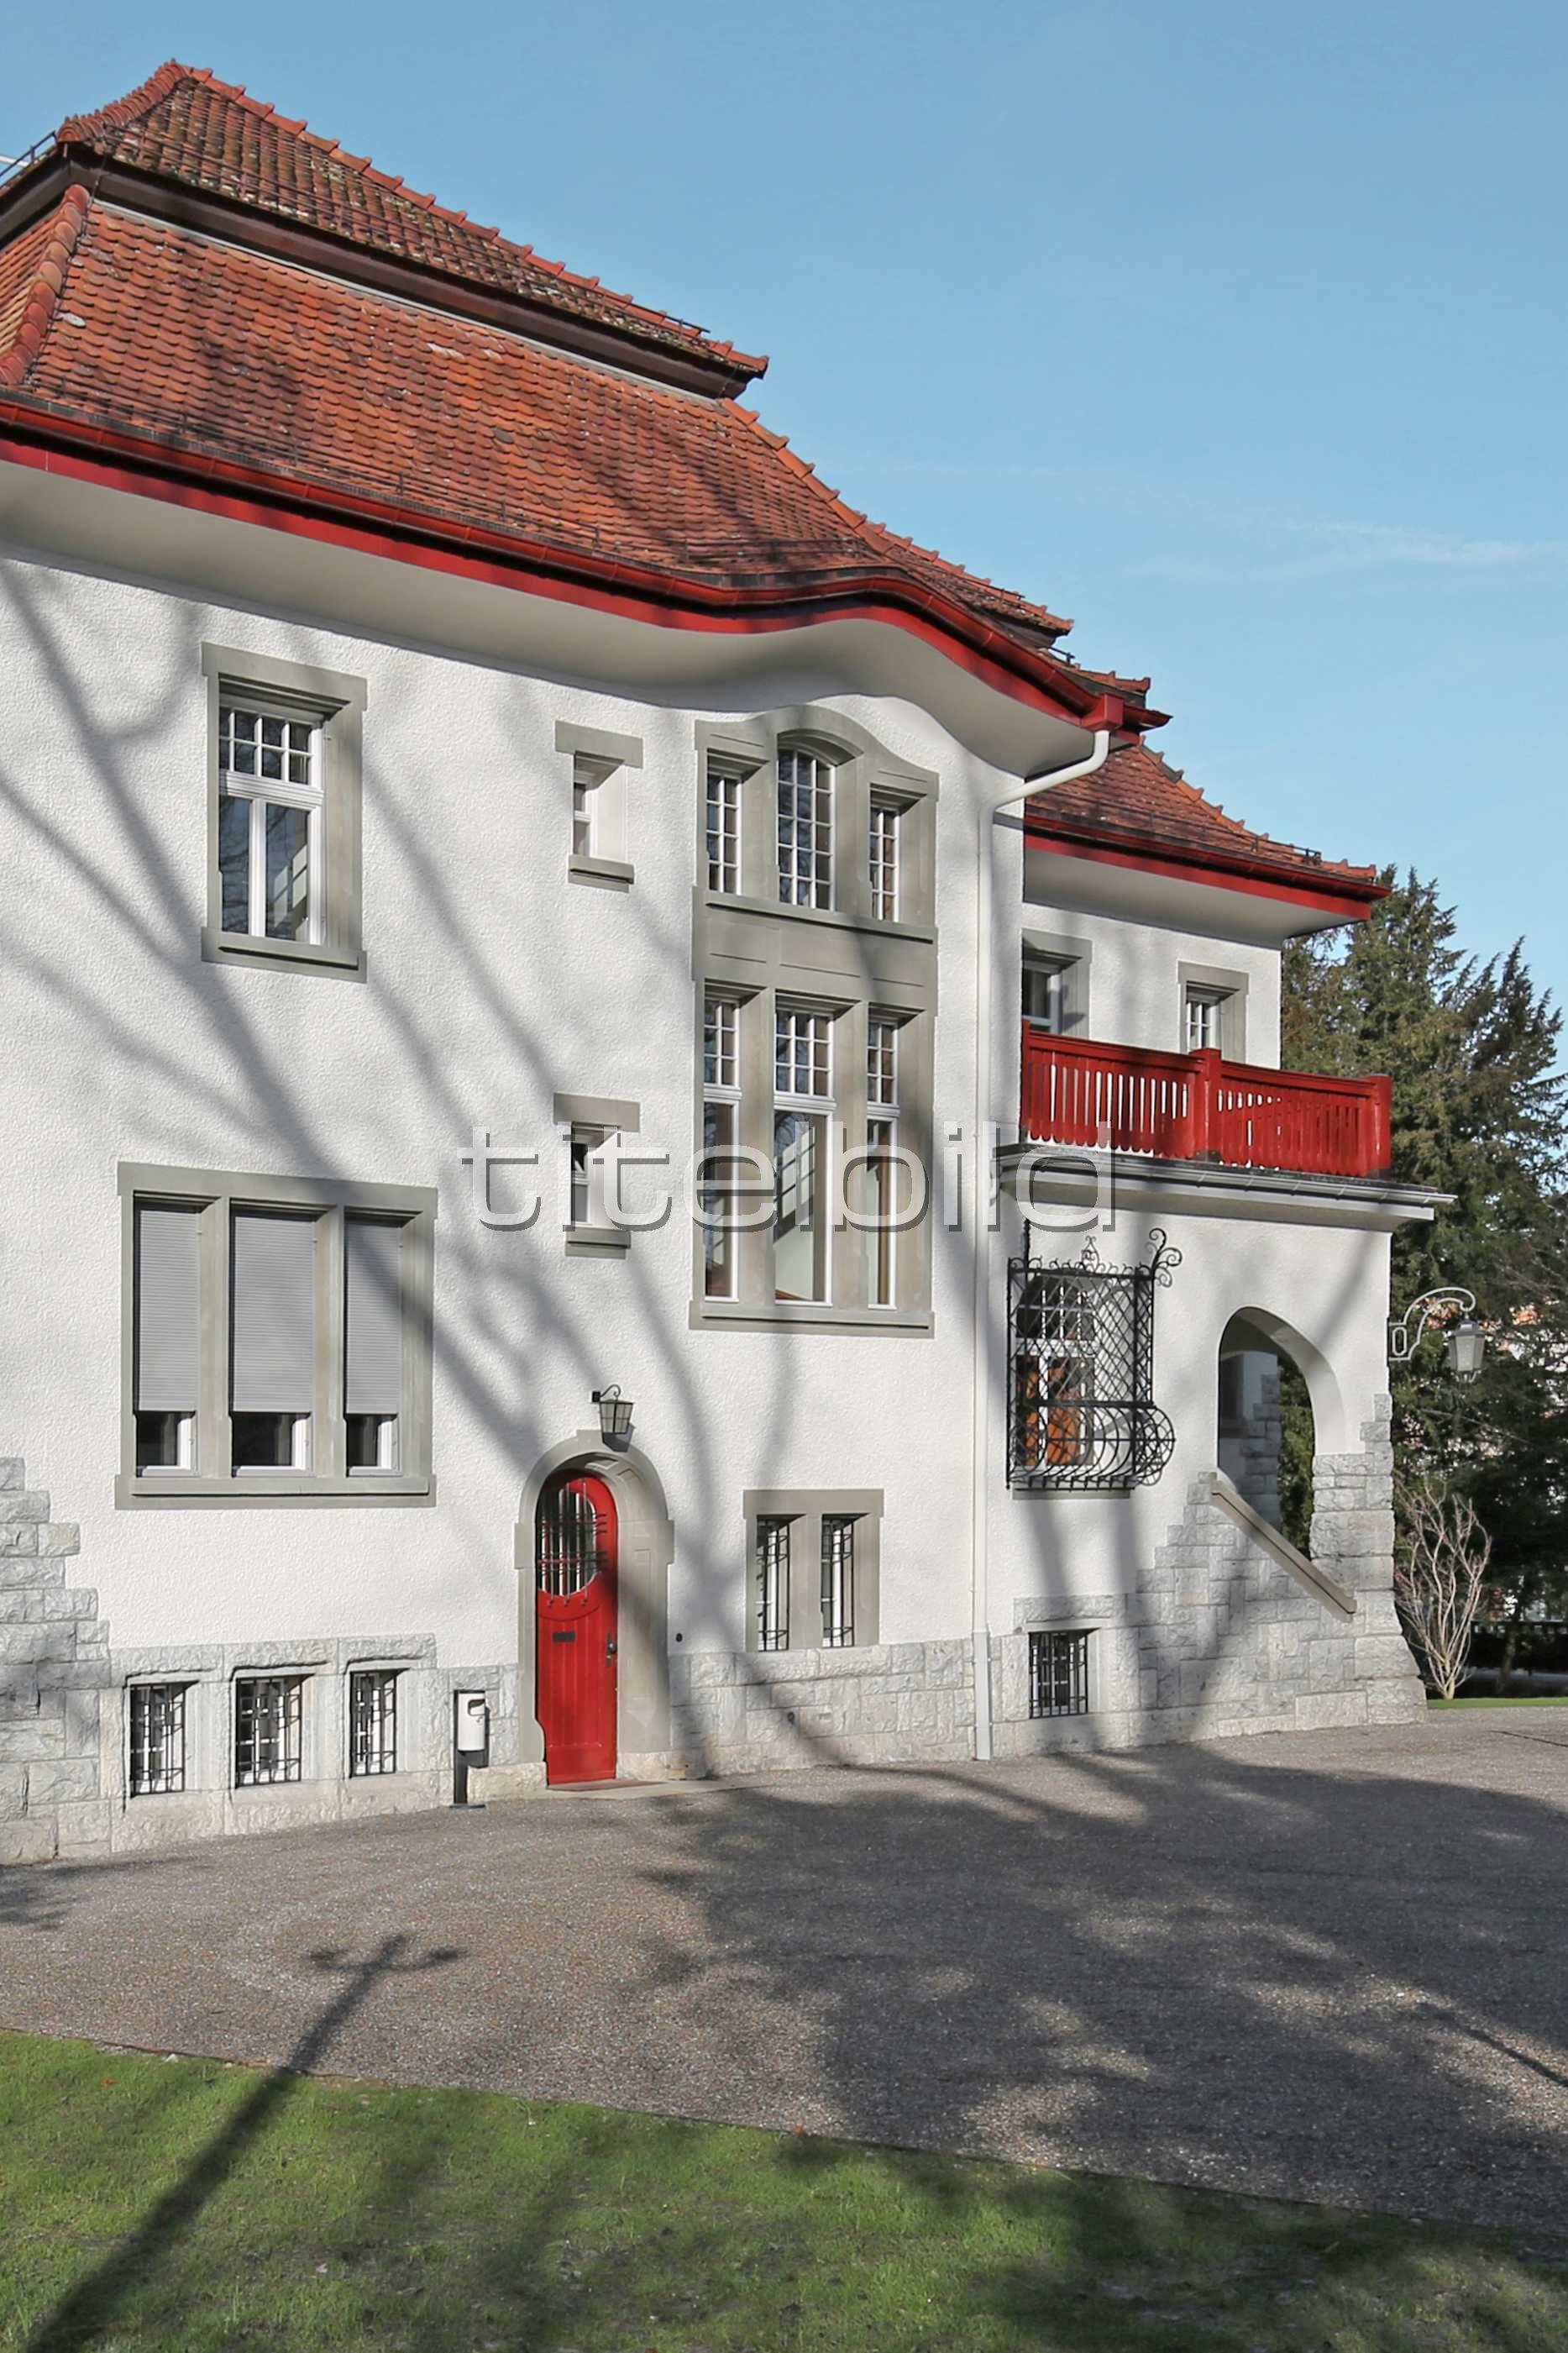 Das Projekt ist ein Haus aus rotem Backstein. Projekte und Layout eines Backsteinhauses 21